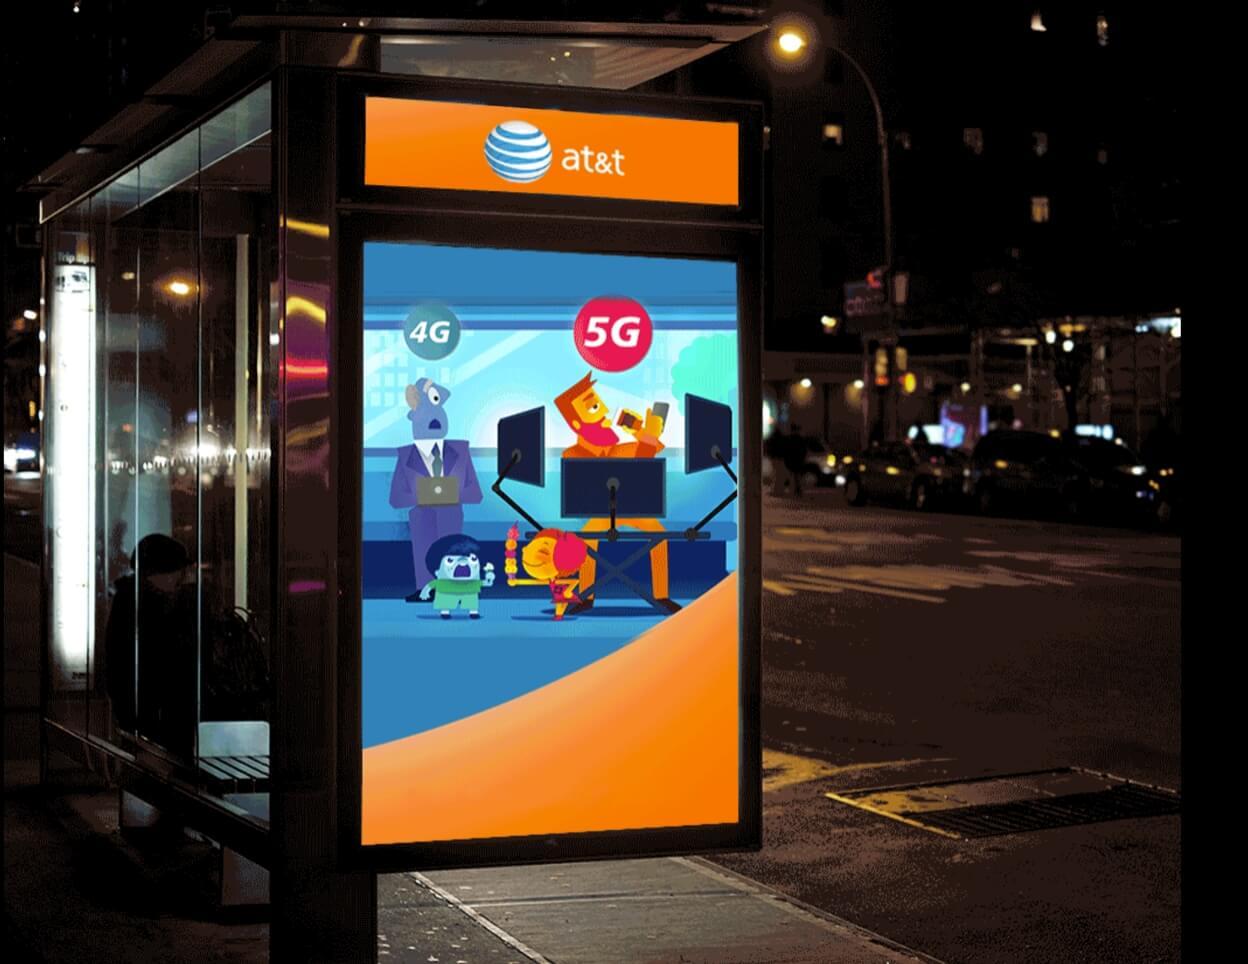 att, wireless carrier, 2g, 5g